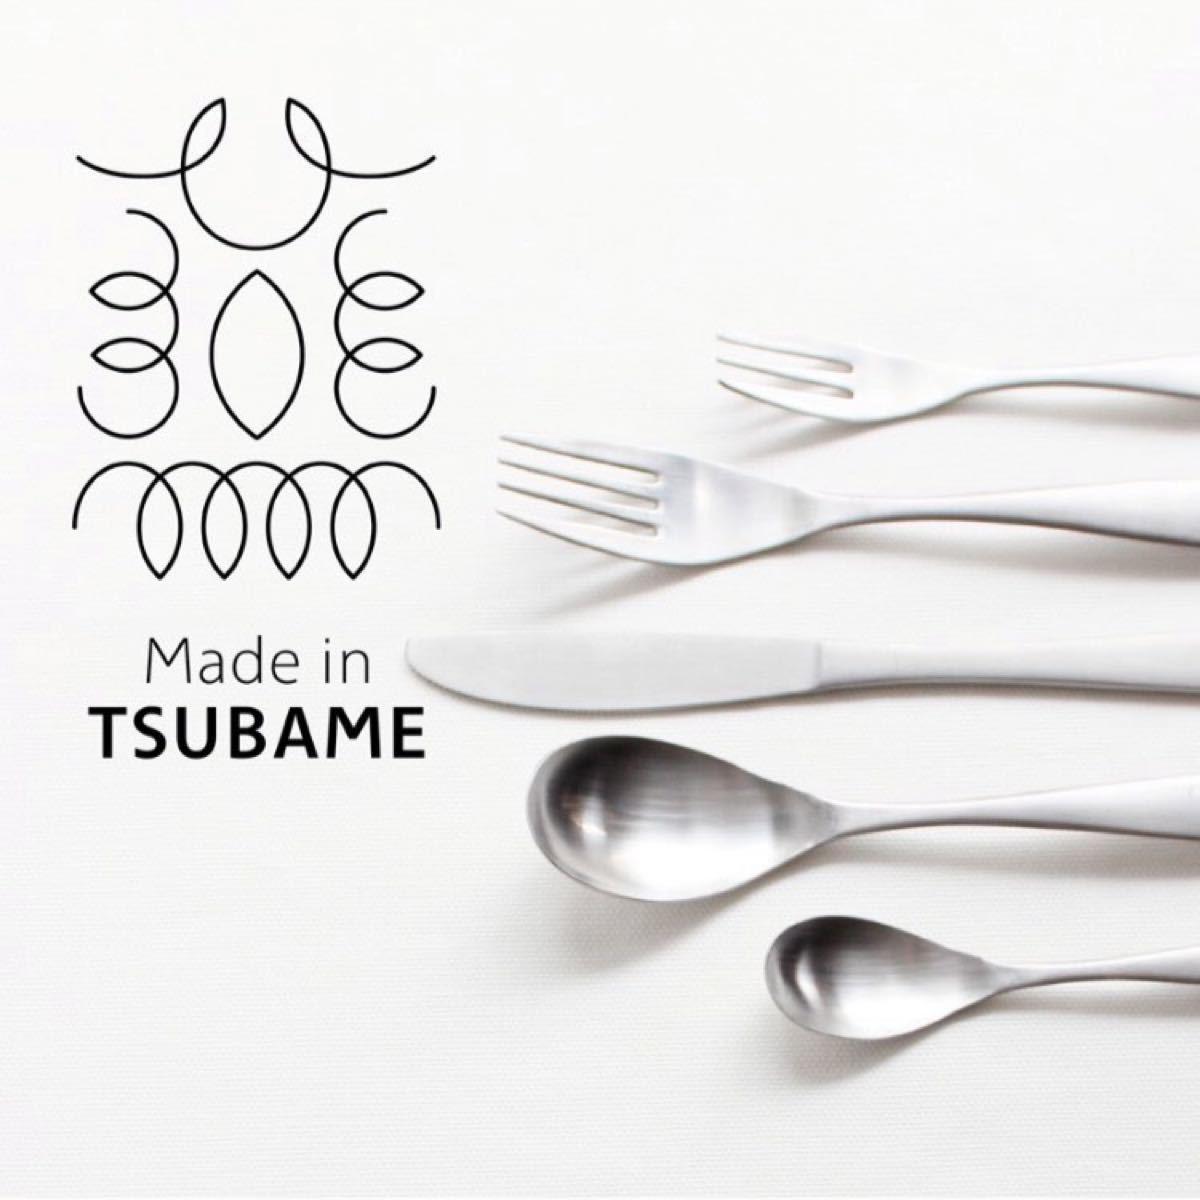 ツバメカトラリー 4本セット レンゲ 新品未使用 made in tsubame 燕